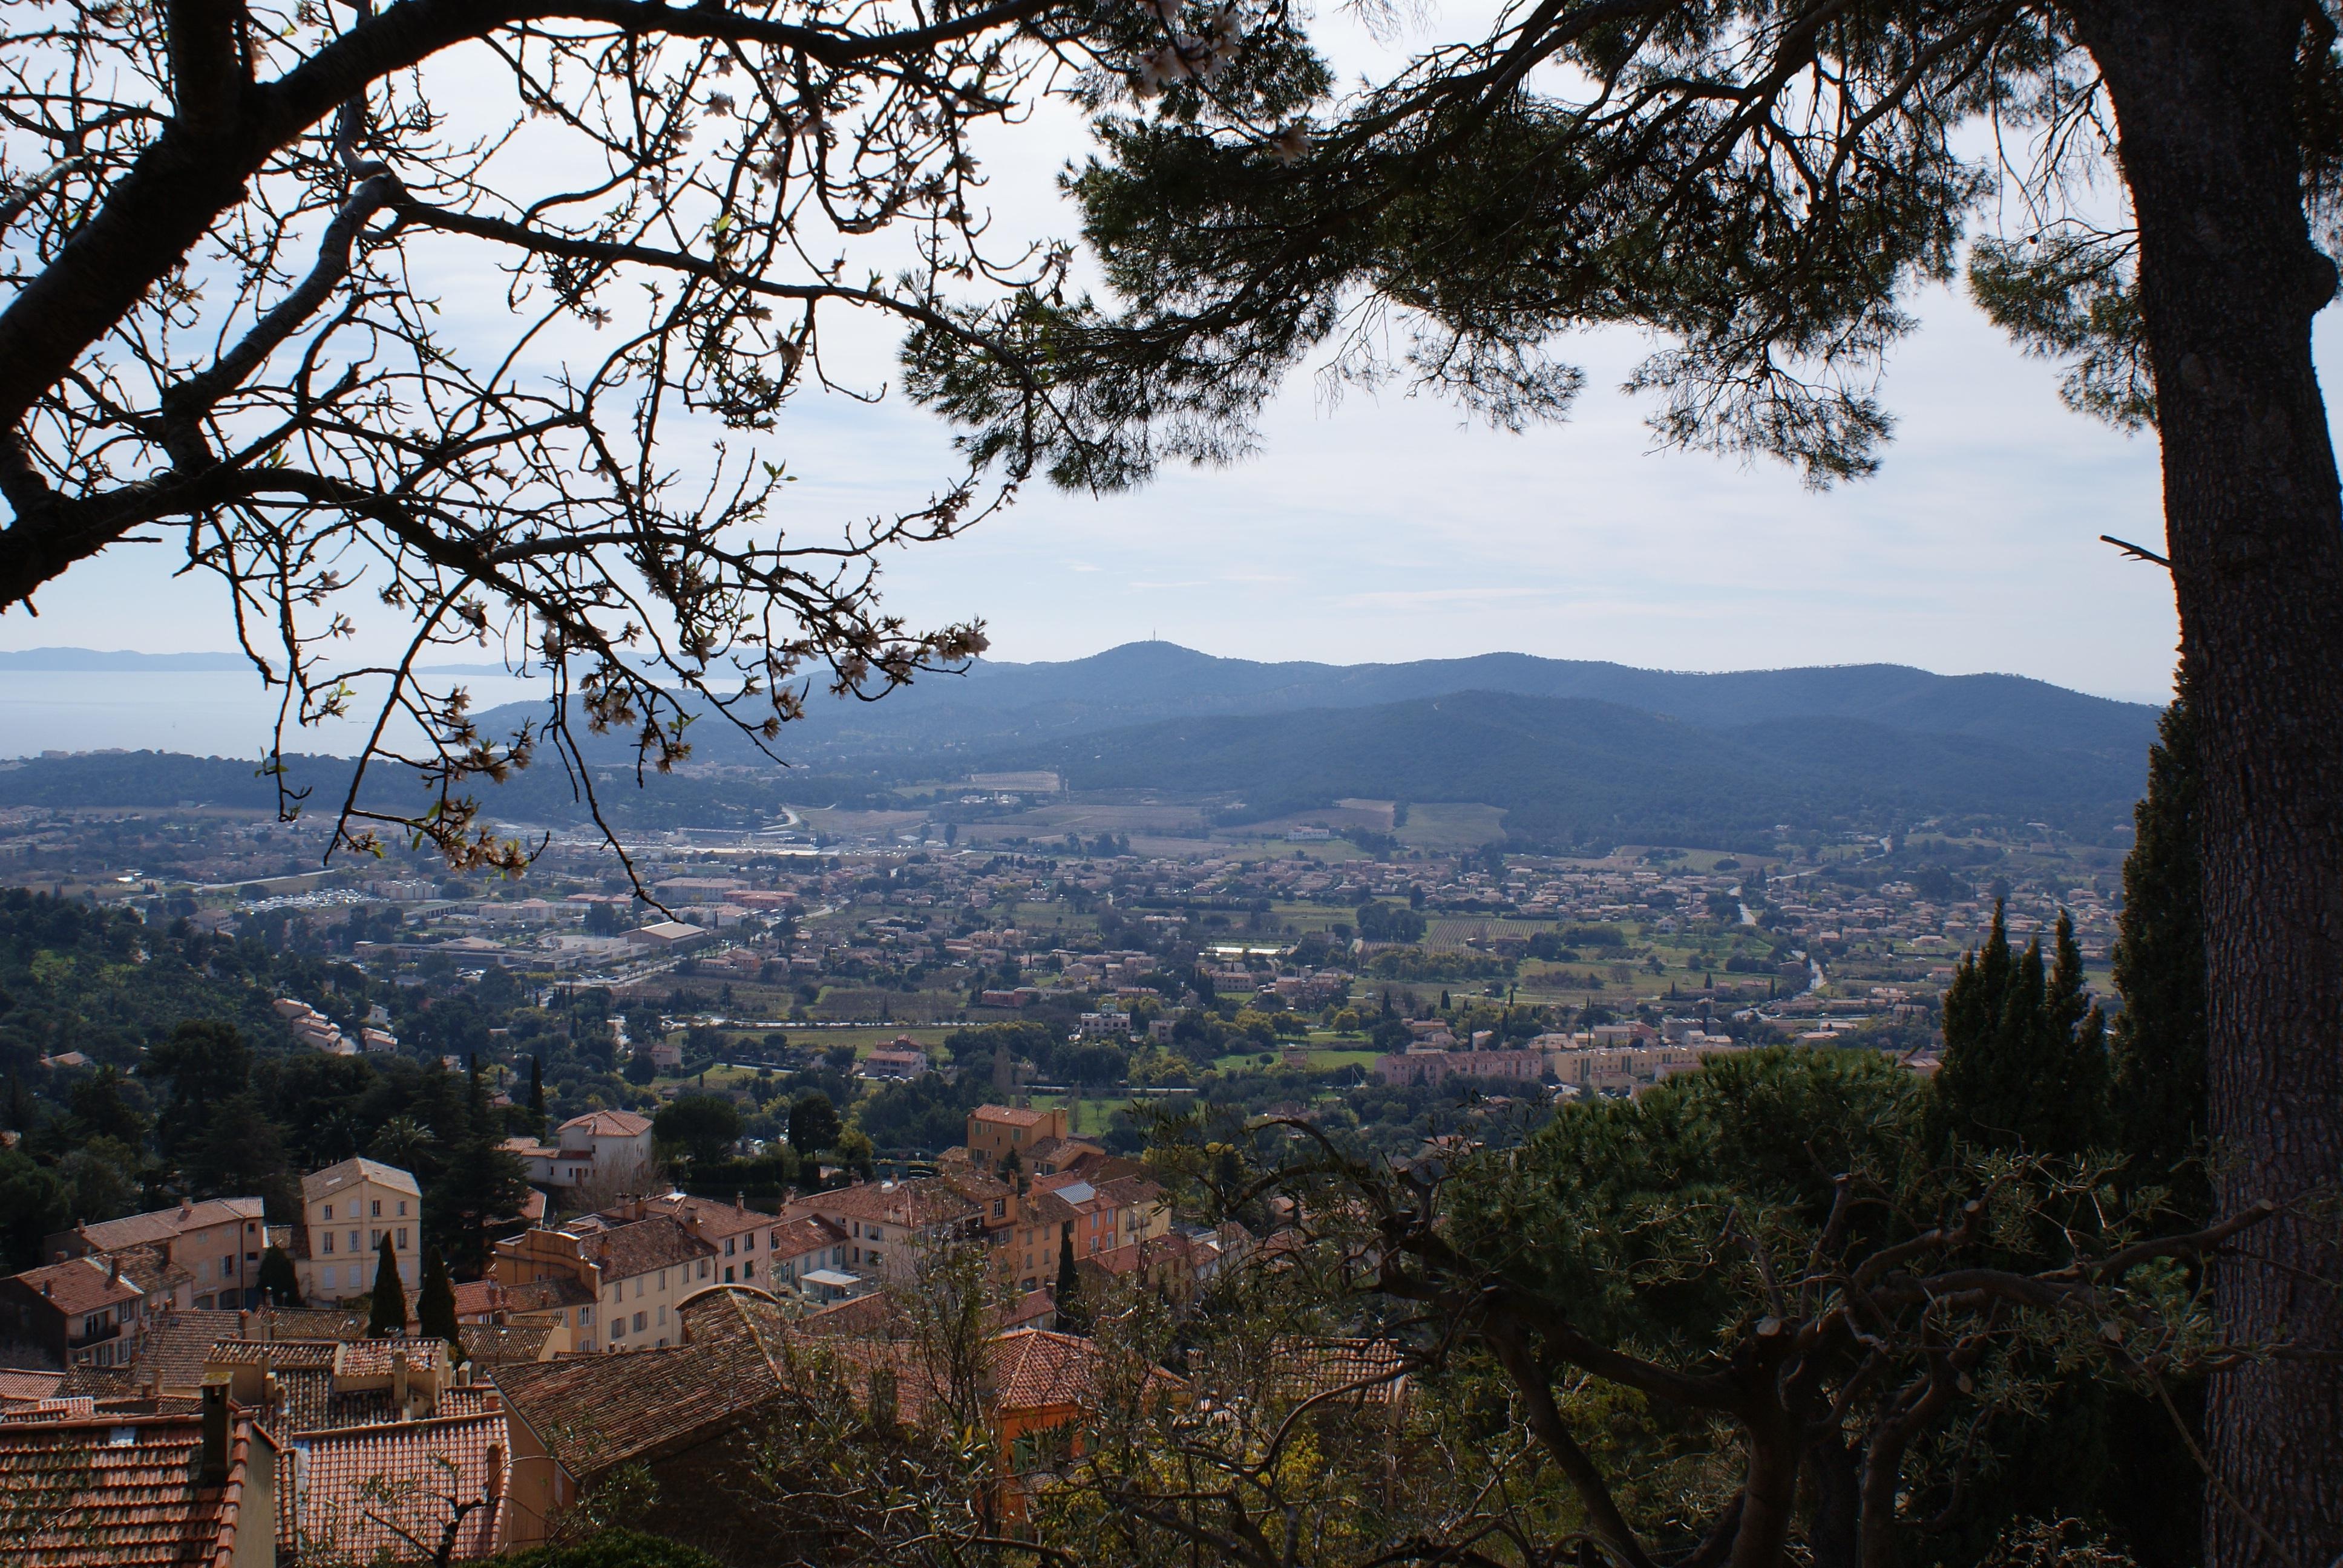 hình ảnh : phong cảnh, cây, thiên nhiên, núi, thực vật, mặt trời, Hoàng hôn, cánh đồng, hoa, Du lịch, làng, Mùa thu, Phong cảnh, Provence, Làng cổ, ...